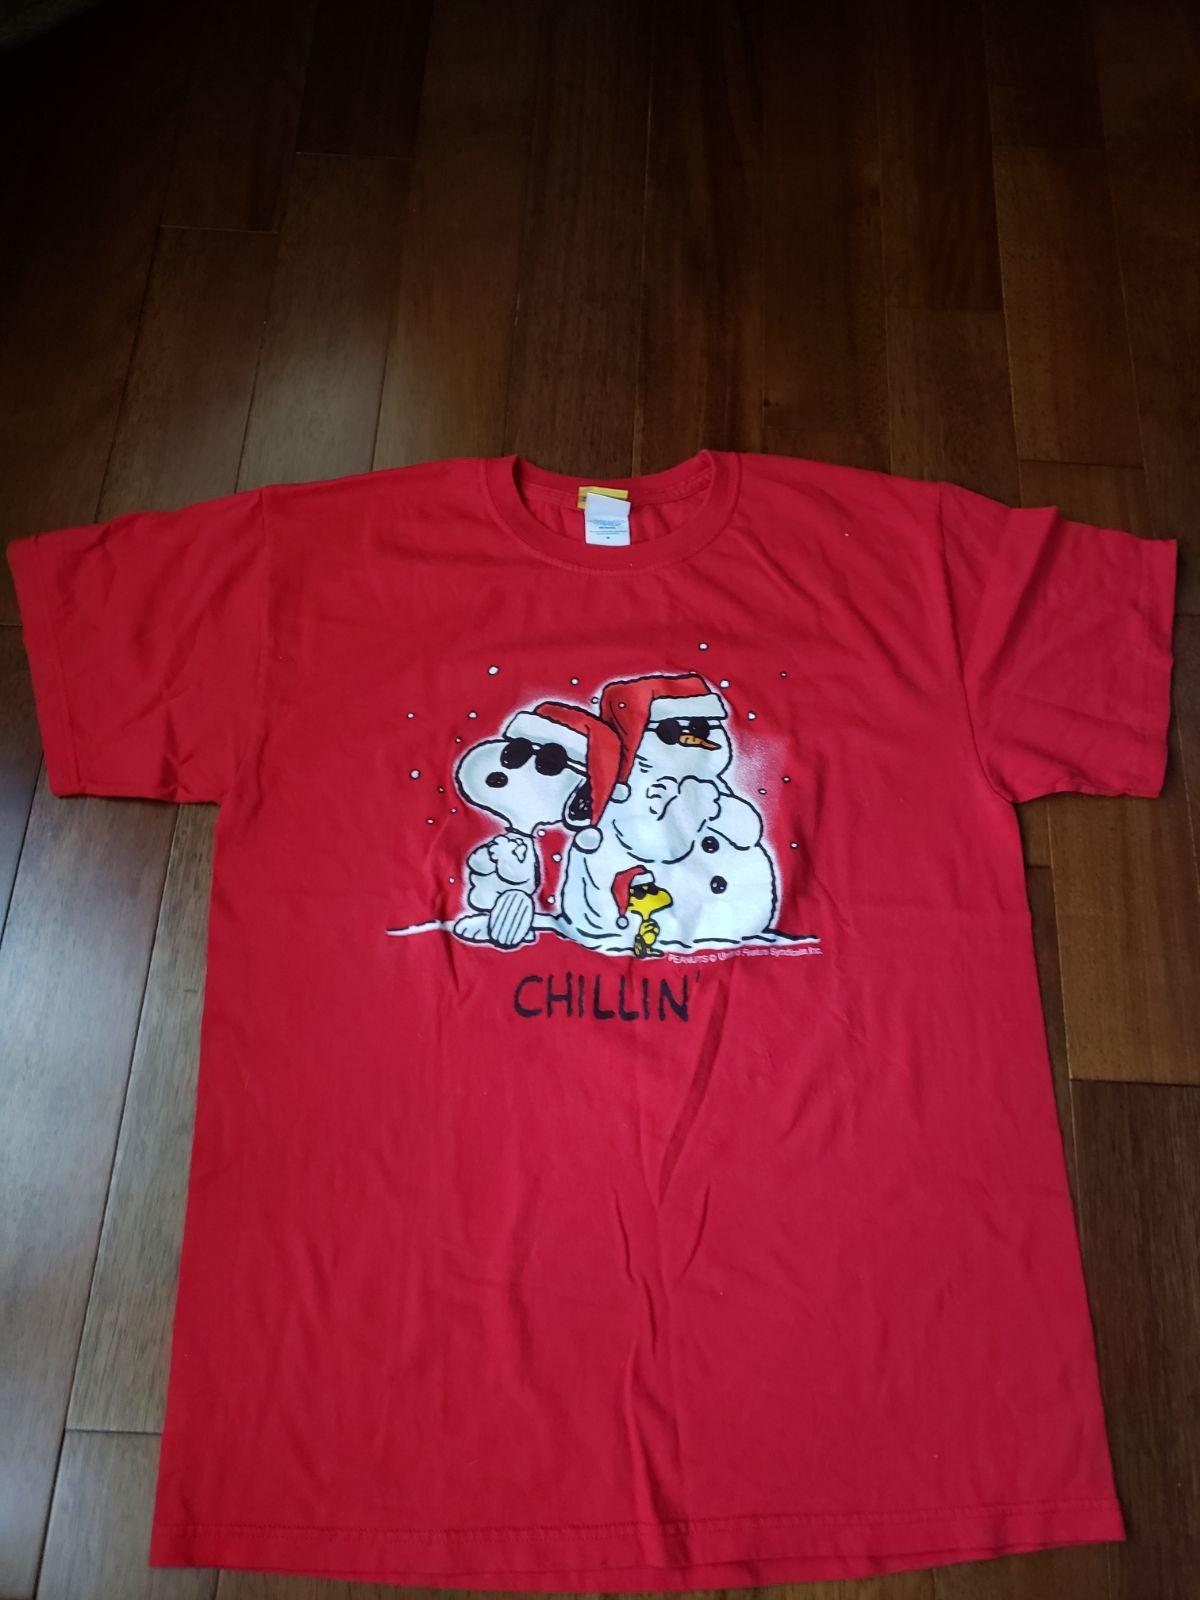 Peanuts Snoopy Christmas tshirt